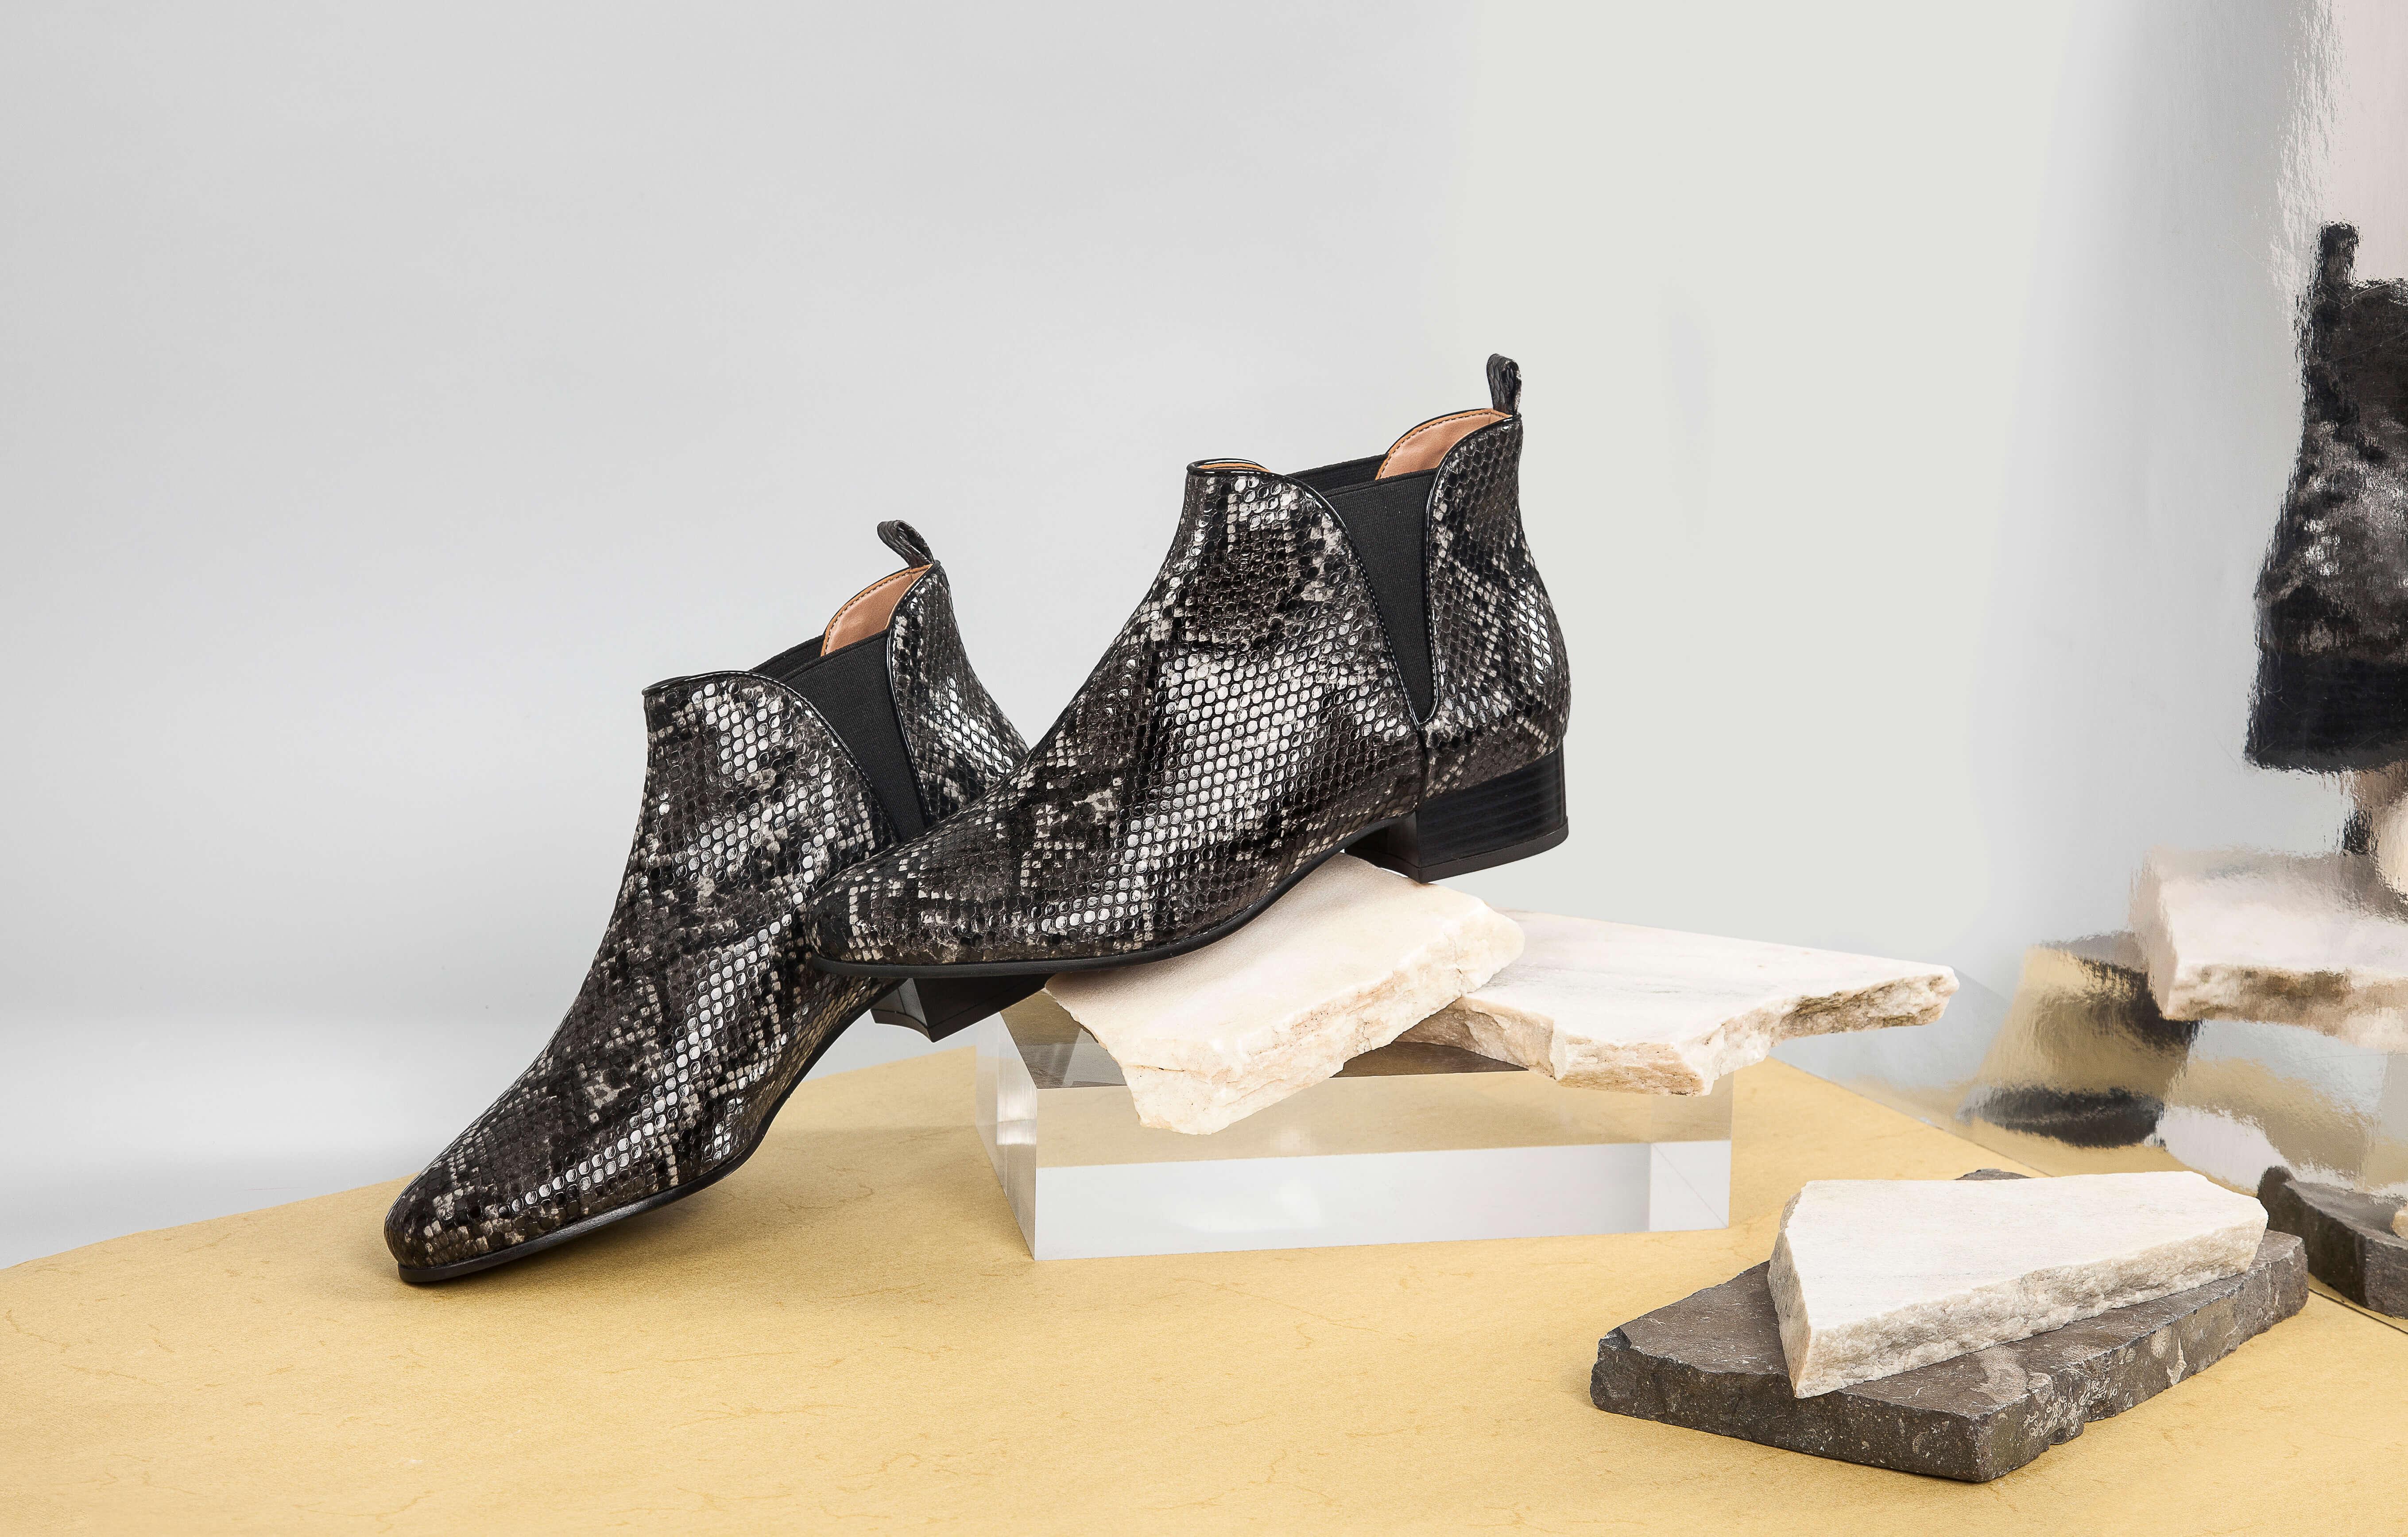 Bonne nouvelle ! André lance une collection de chaussures véganes et certifiées par PETA